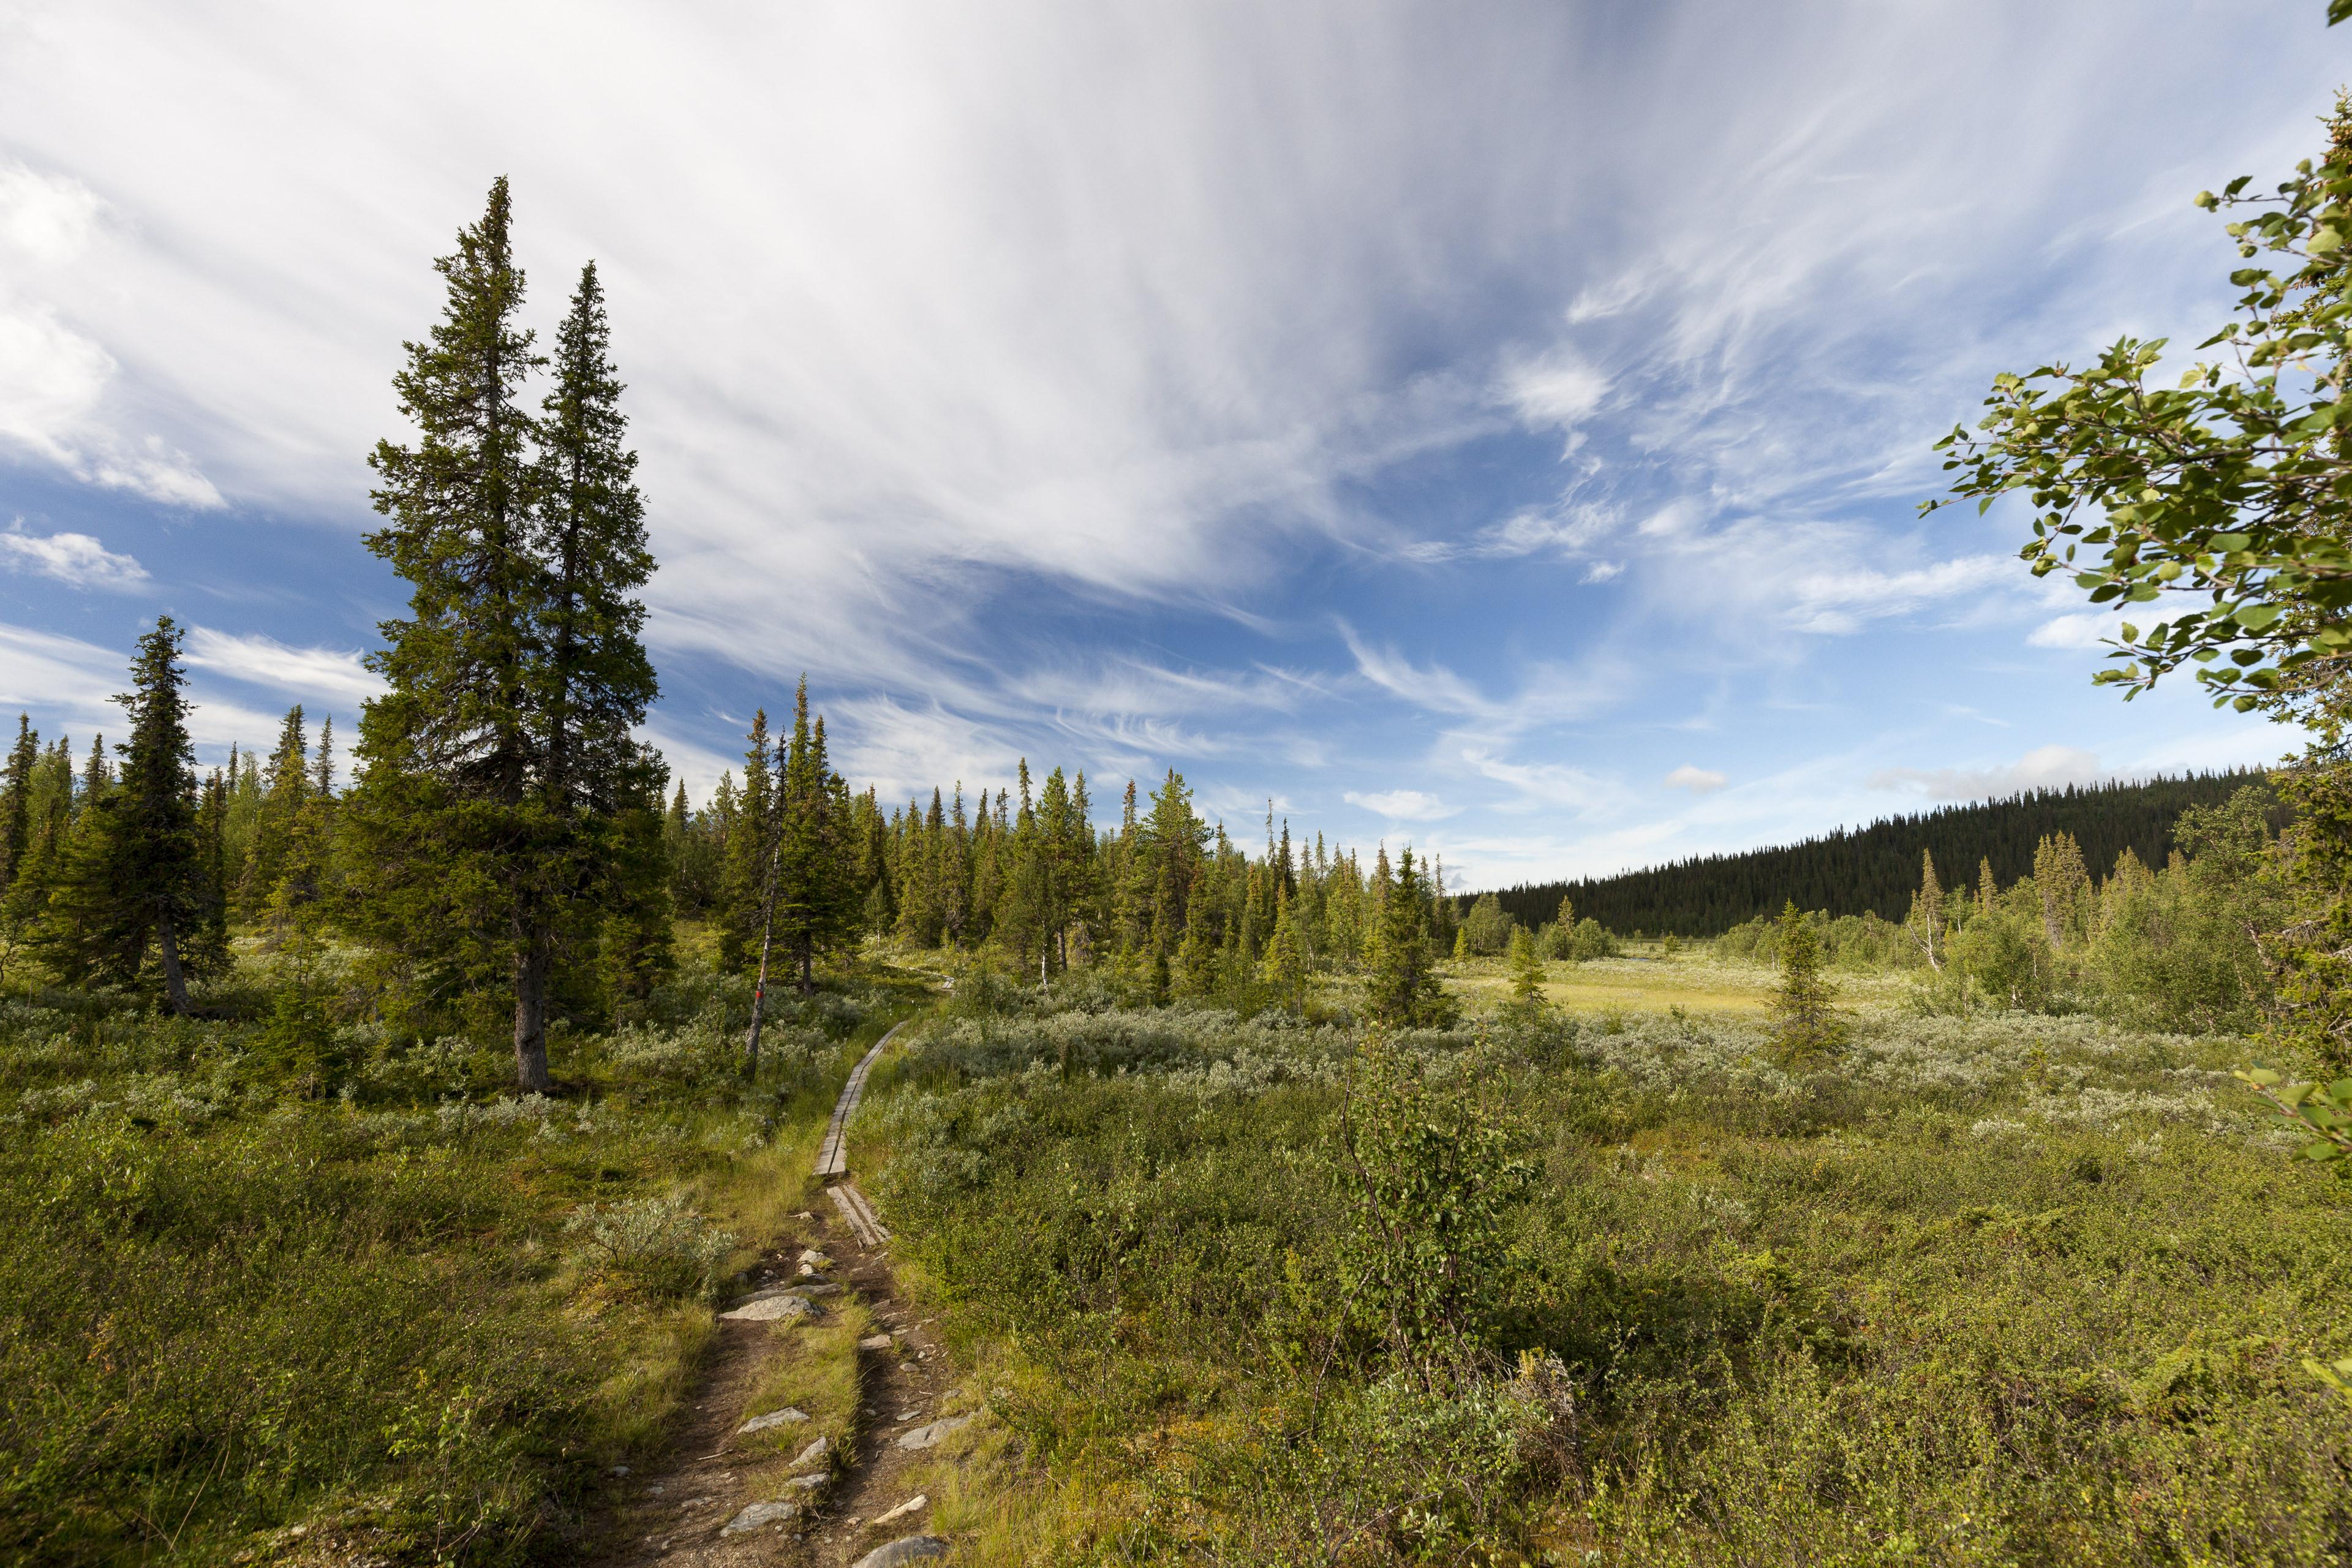 Durch den Wald nach Kvikkjokk,©Markus Proske—Canon EOS 5D Mark II, EF16-35mm f/4L IS USM, 16mm, 1/400s, Blende 8, ISO 400